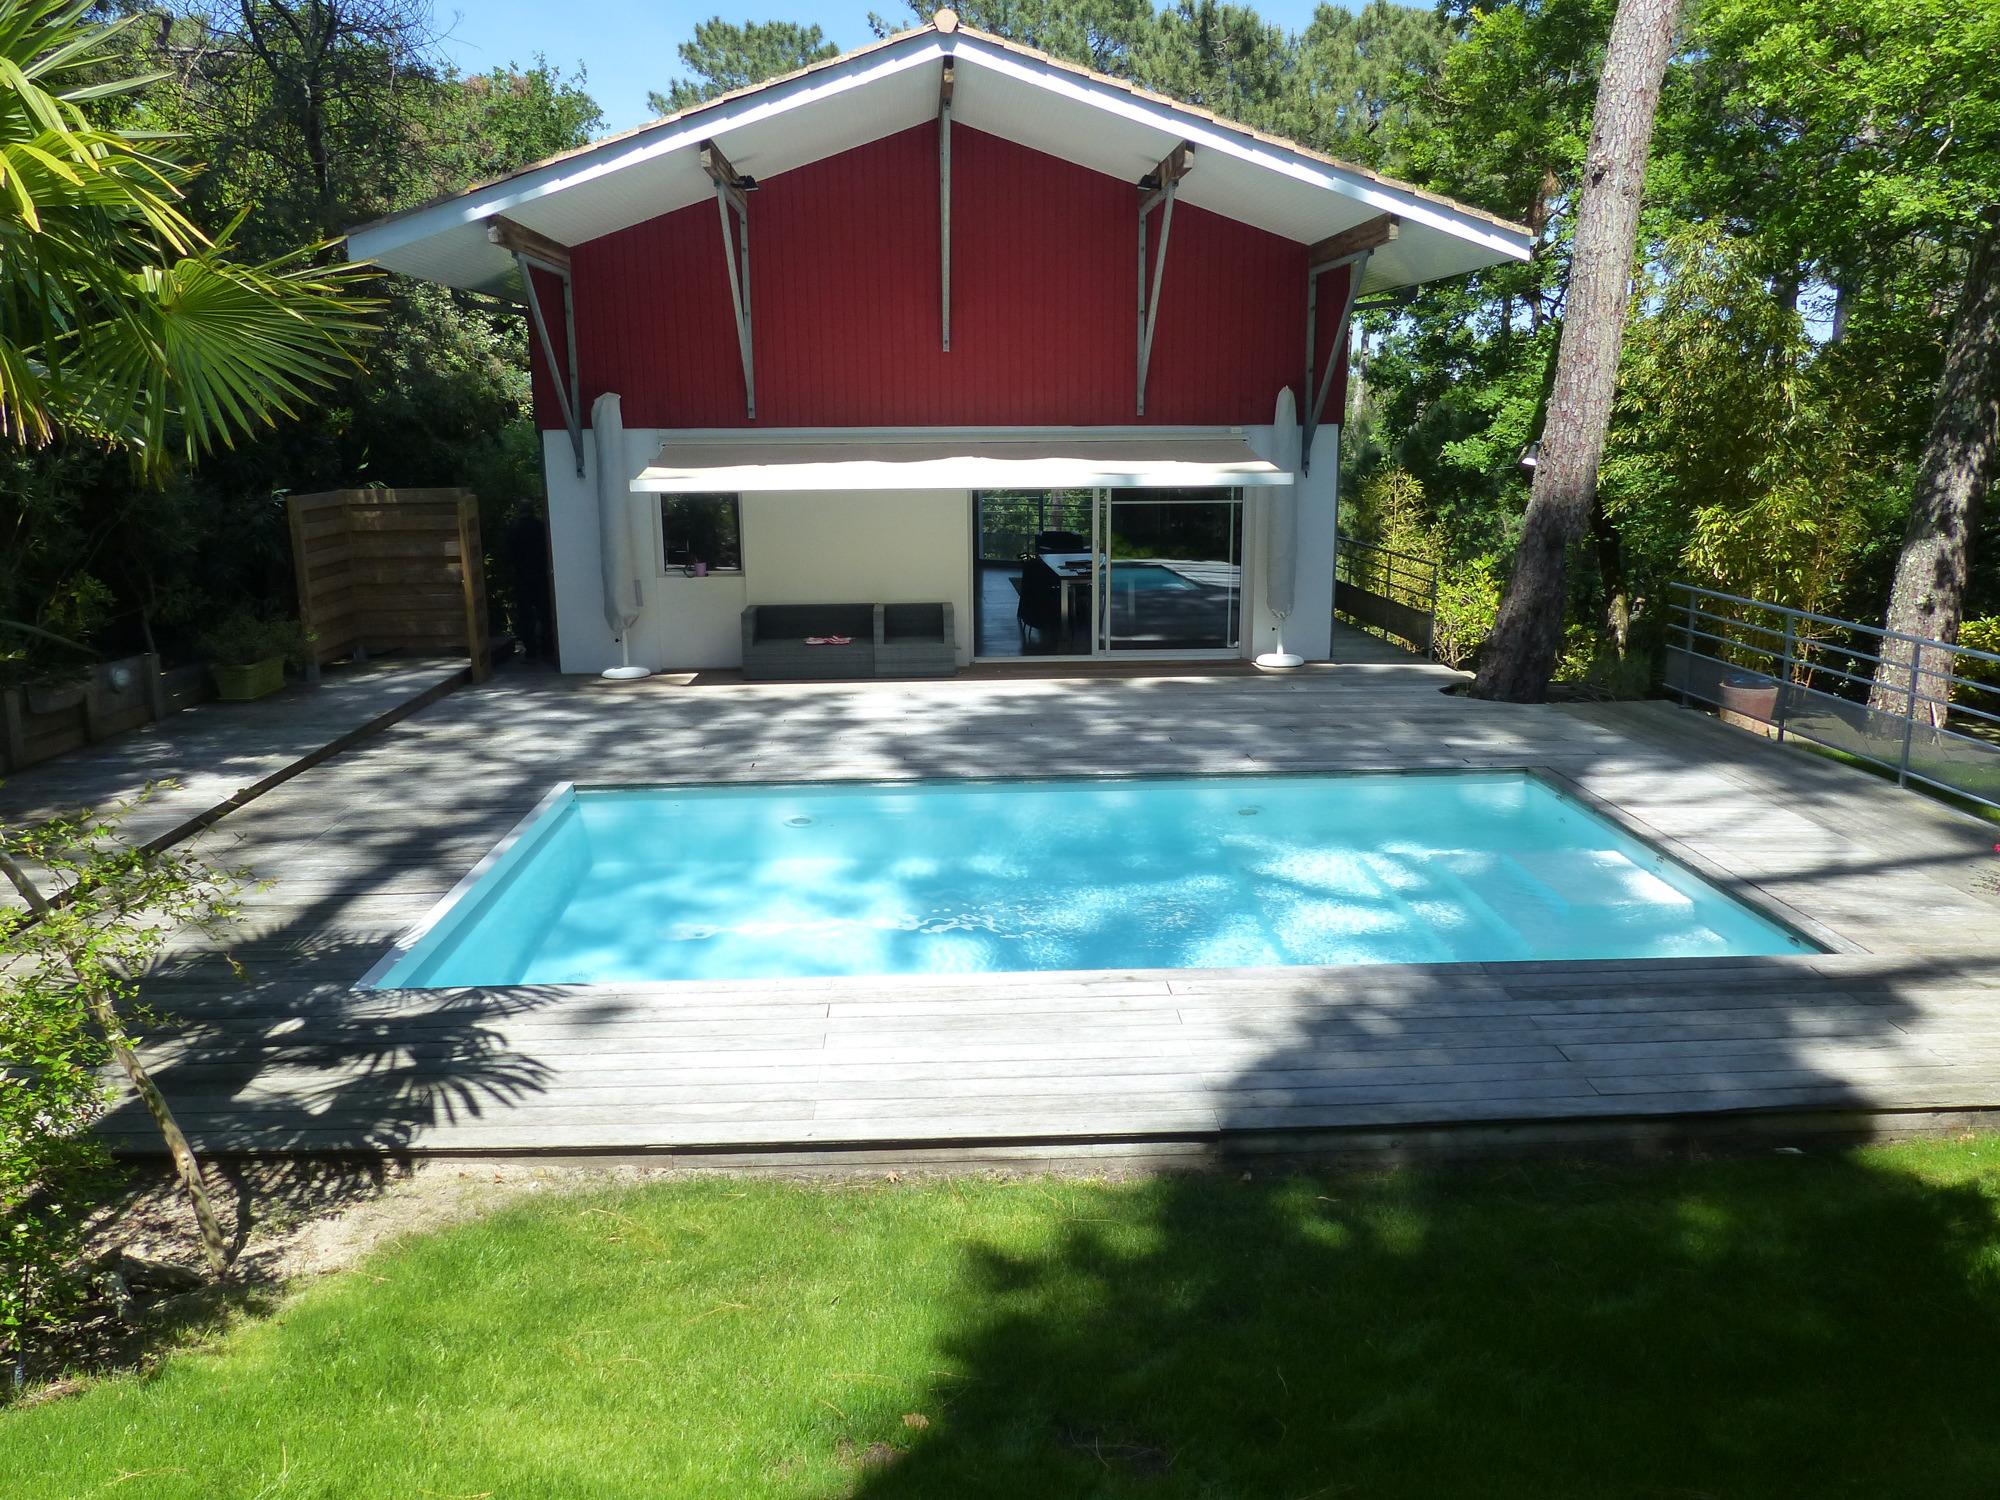 Pyla sur mer corniche vente belle villa contemporaine avec for Vente accessoire piscine